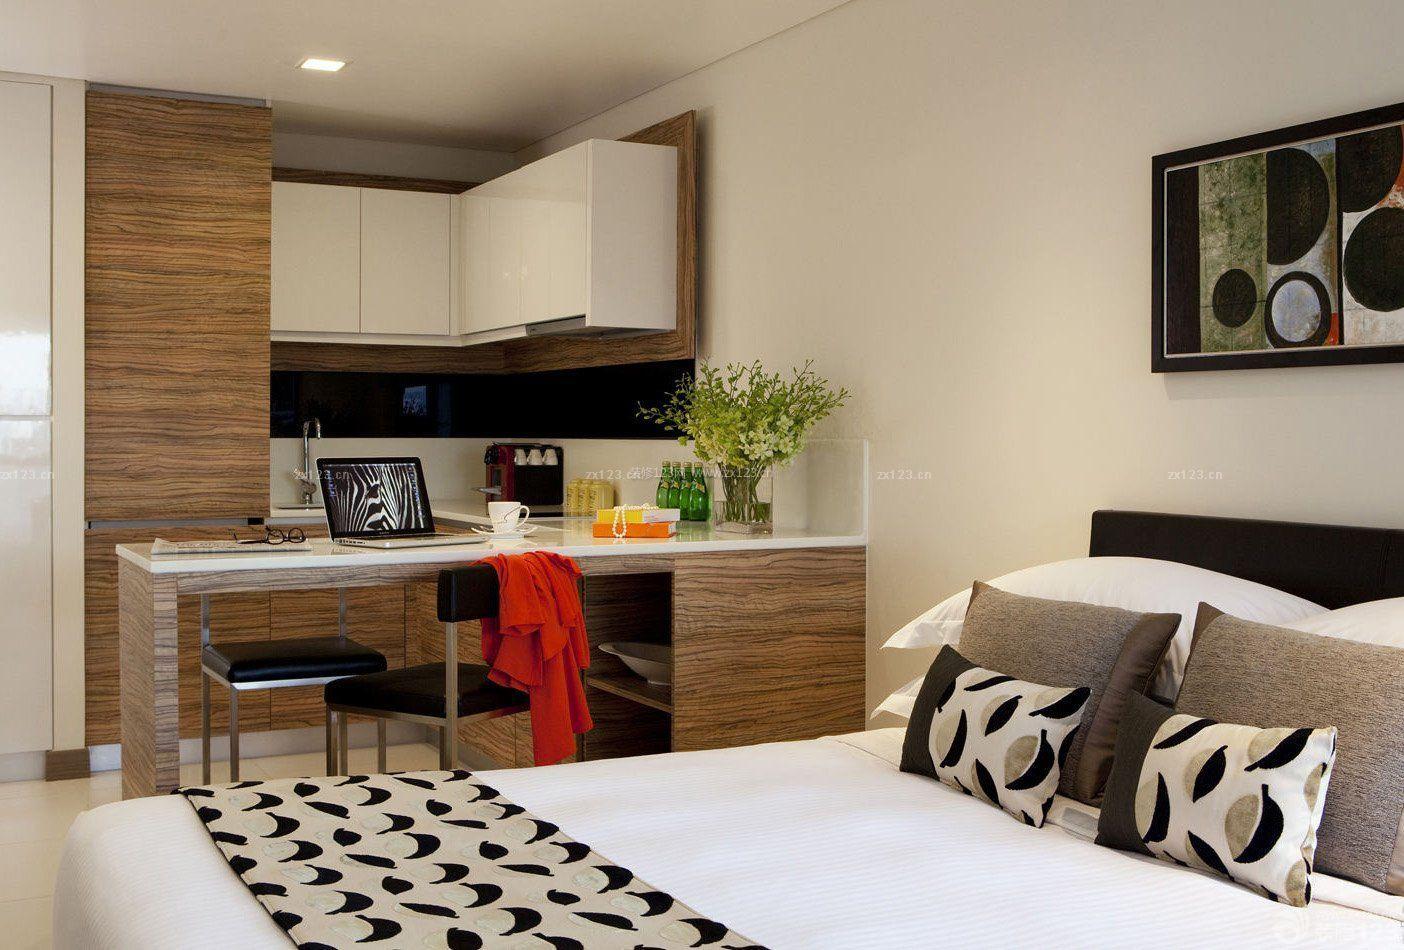 酒店式公寓房间开放式厨房吧台装修设计图片